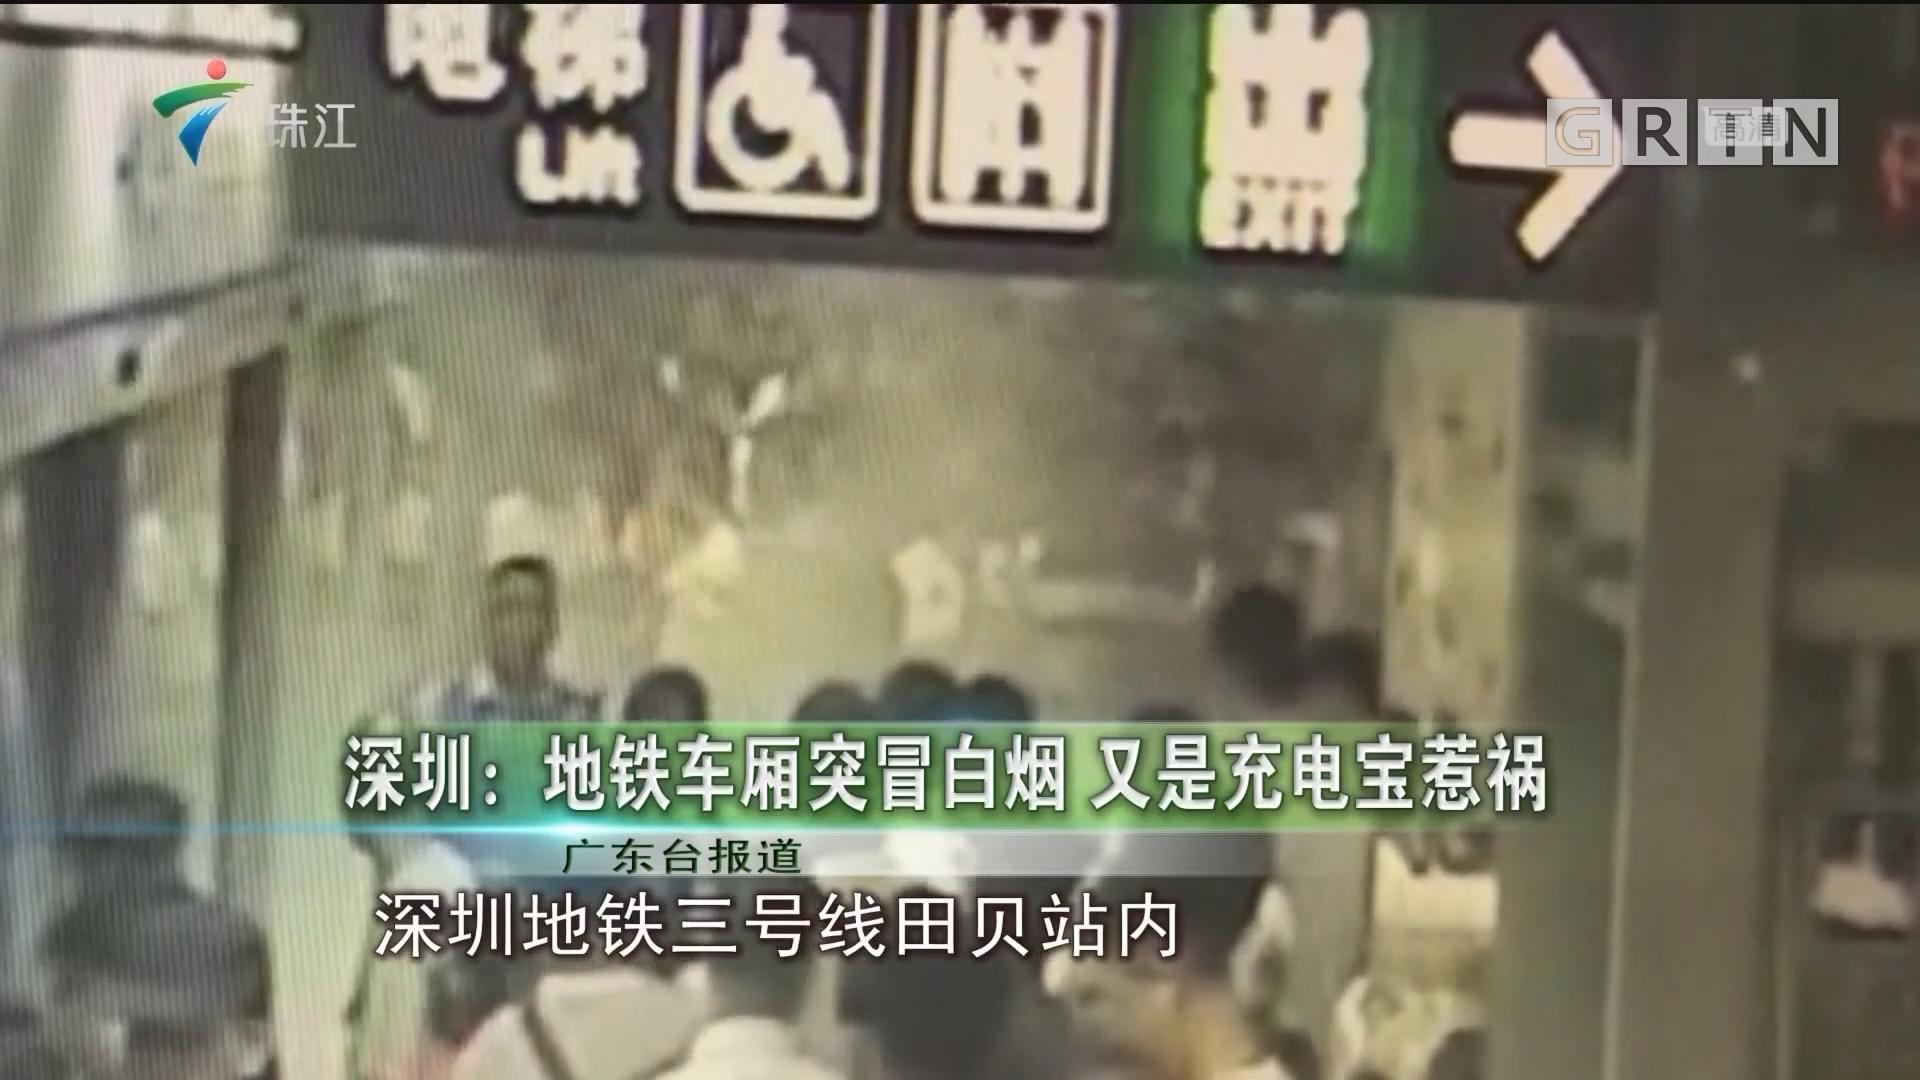 深圳:地铁车厢突冒白烟 又是充电宝惹祸